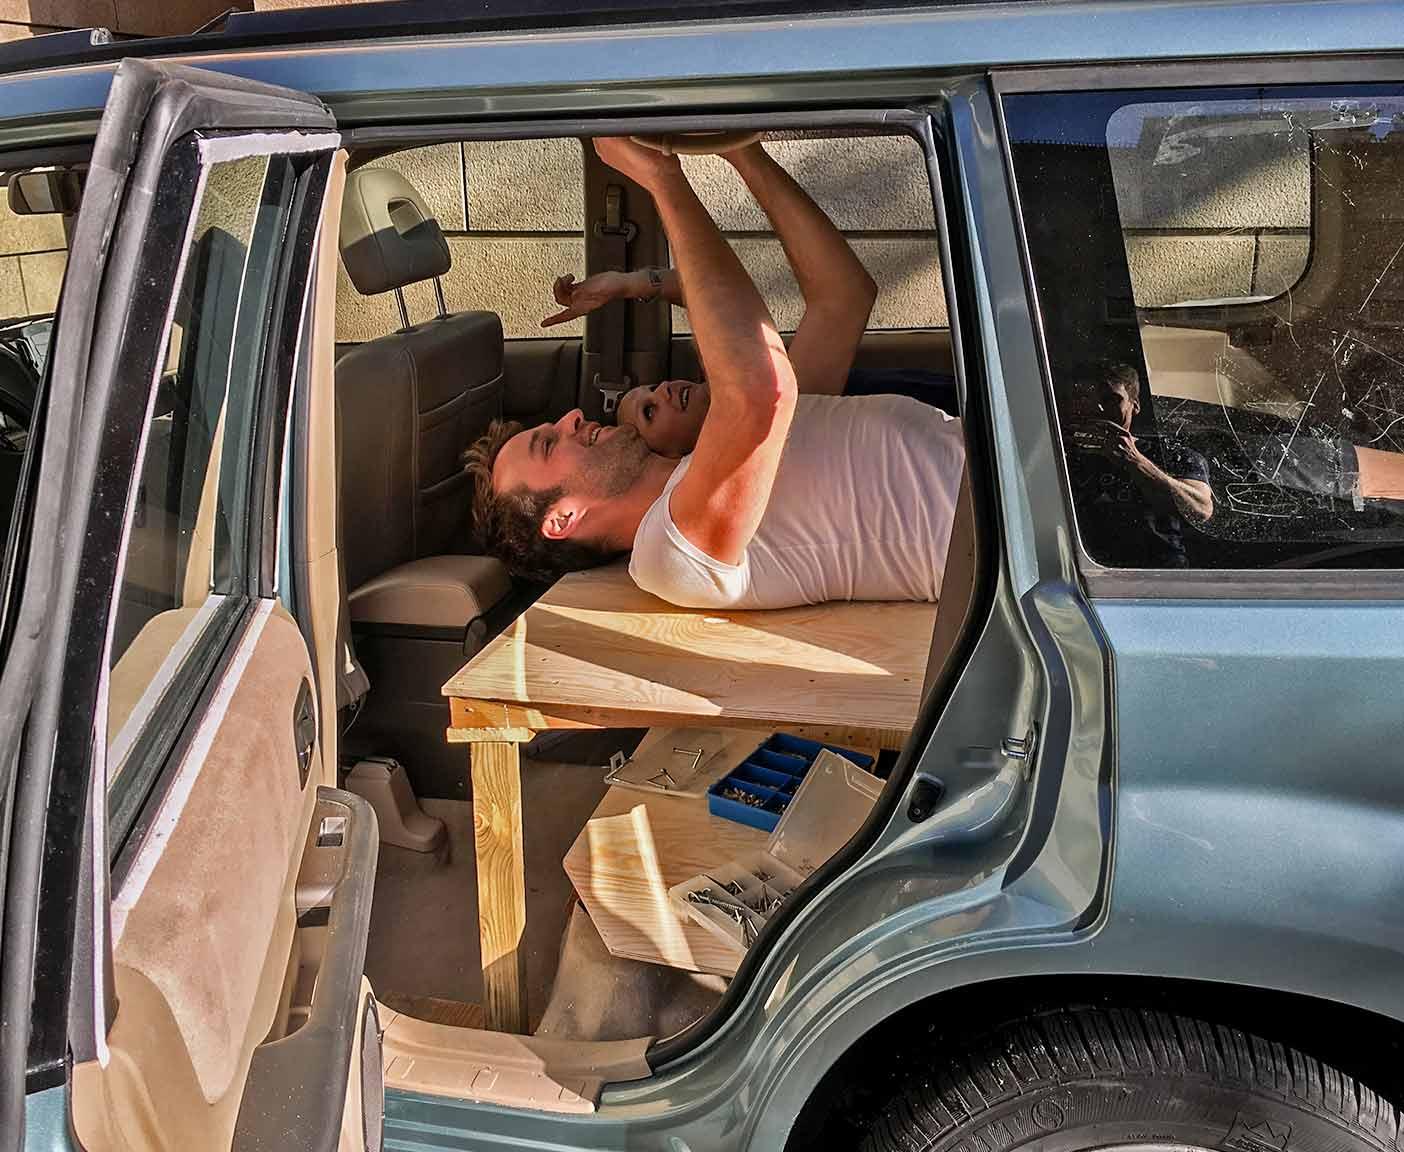 guenstige-expeditionsfahrzeuge-mobilw-offroad-gelaendegaenig-wohnmobil-nissan-xtrail-4x4-allrad-gebraucht-20